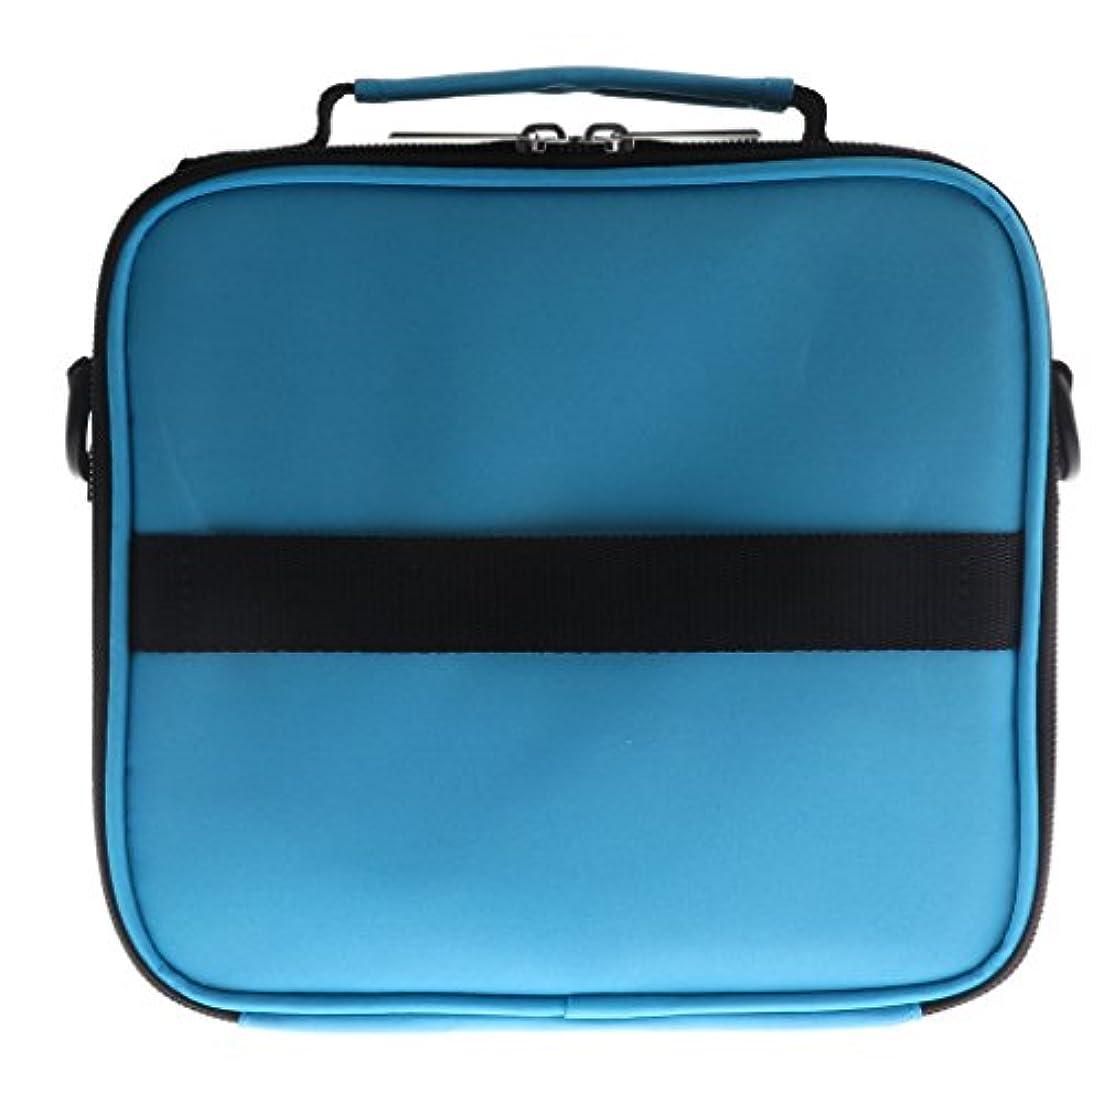 永久防水彼らのもの全6色 アロマポーチ エッセンシャルオイル ケース 香水収納バッグ アロマケース 携帯用 30本用 - 青